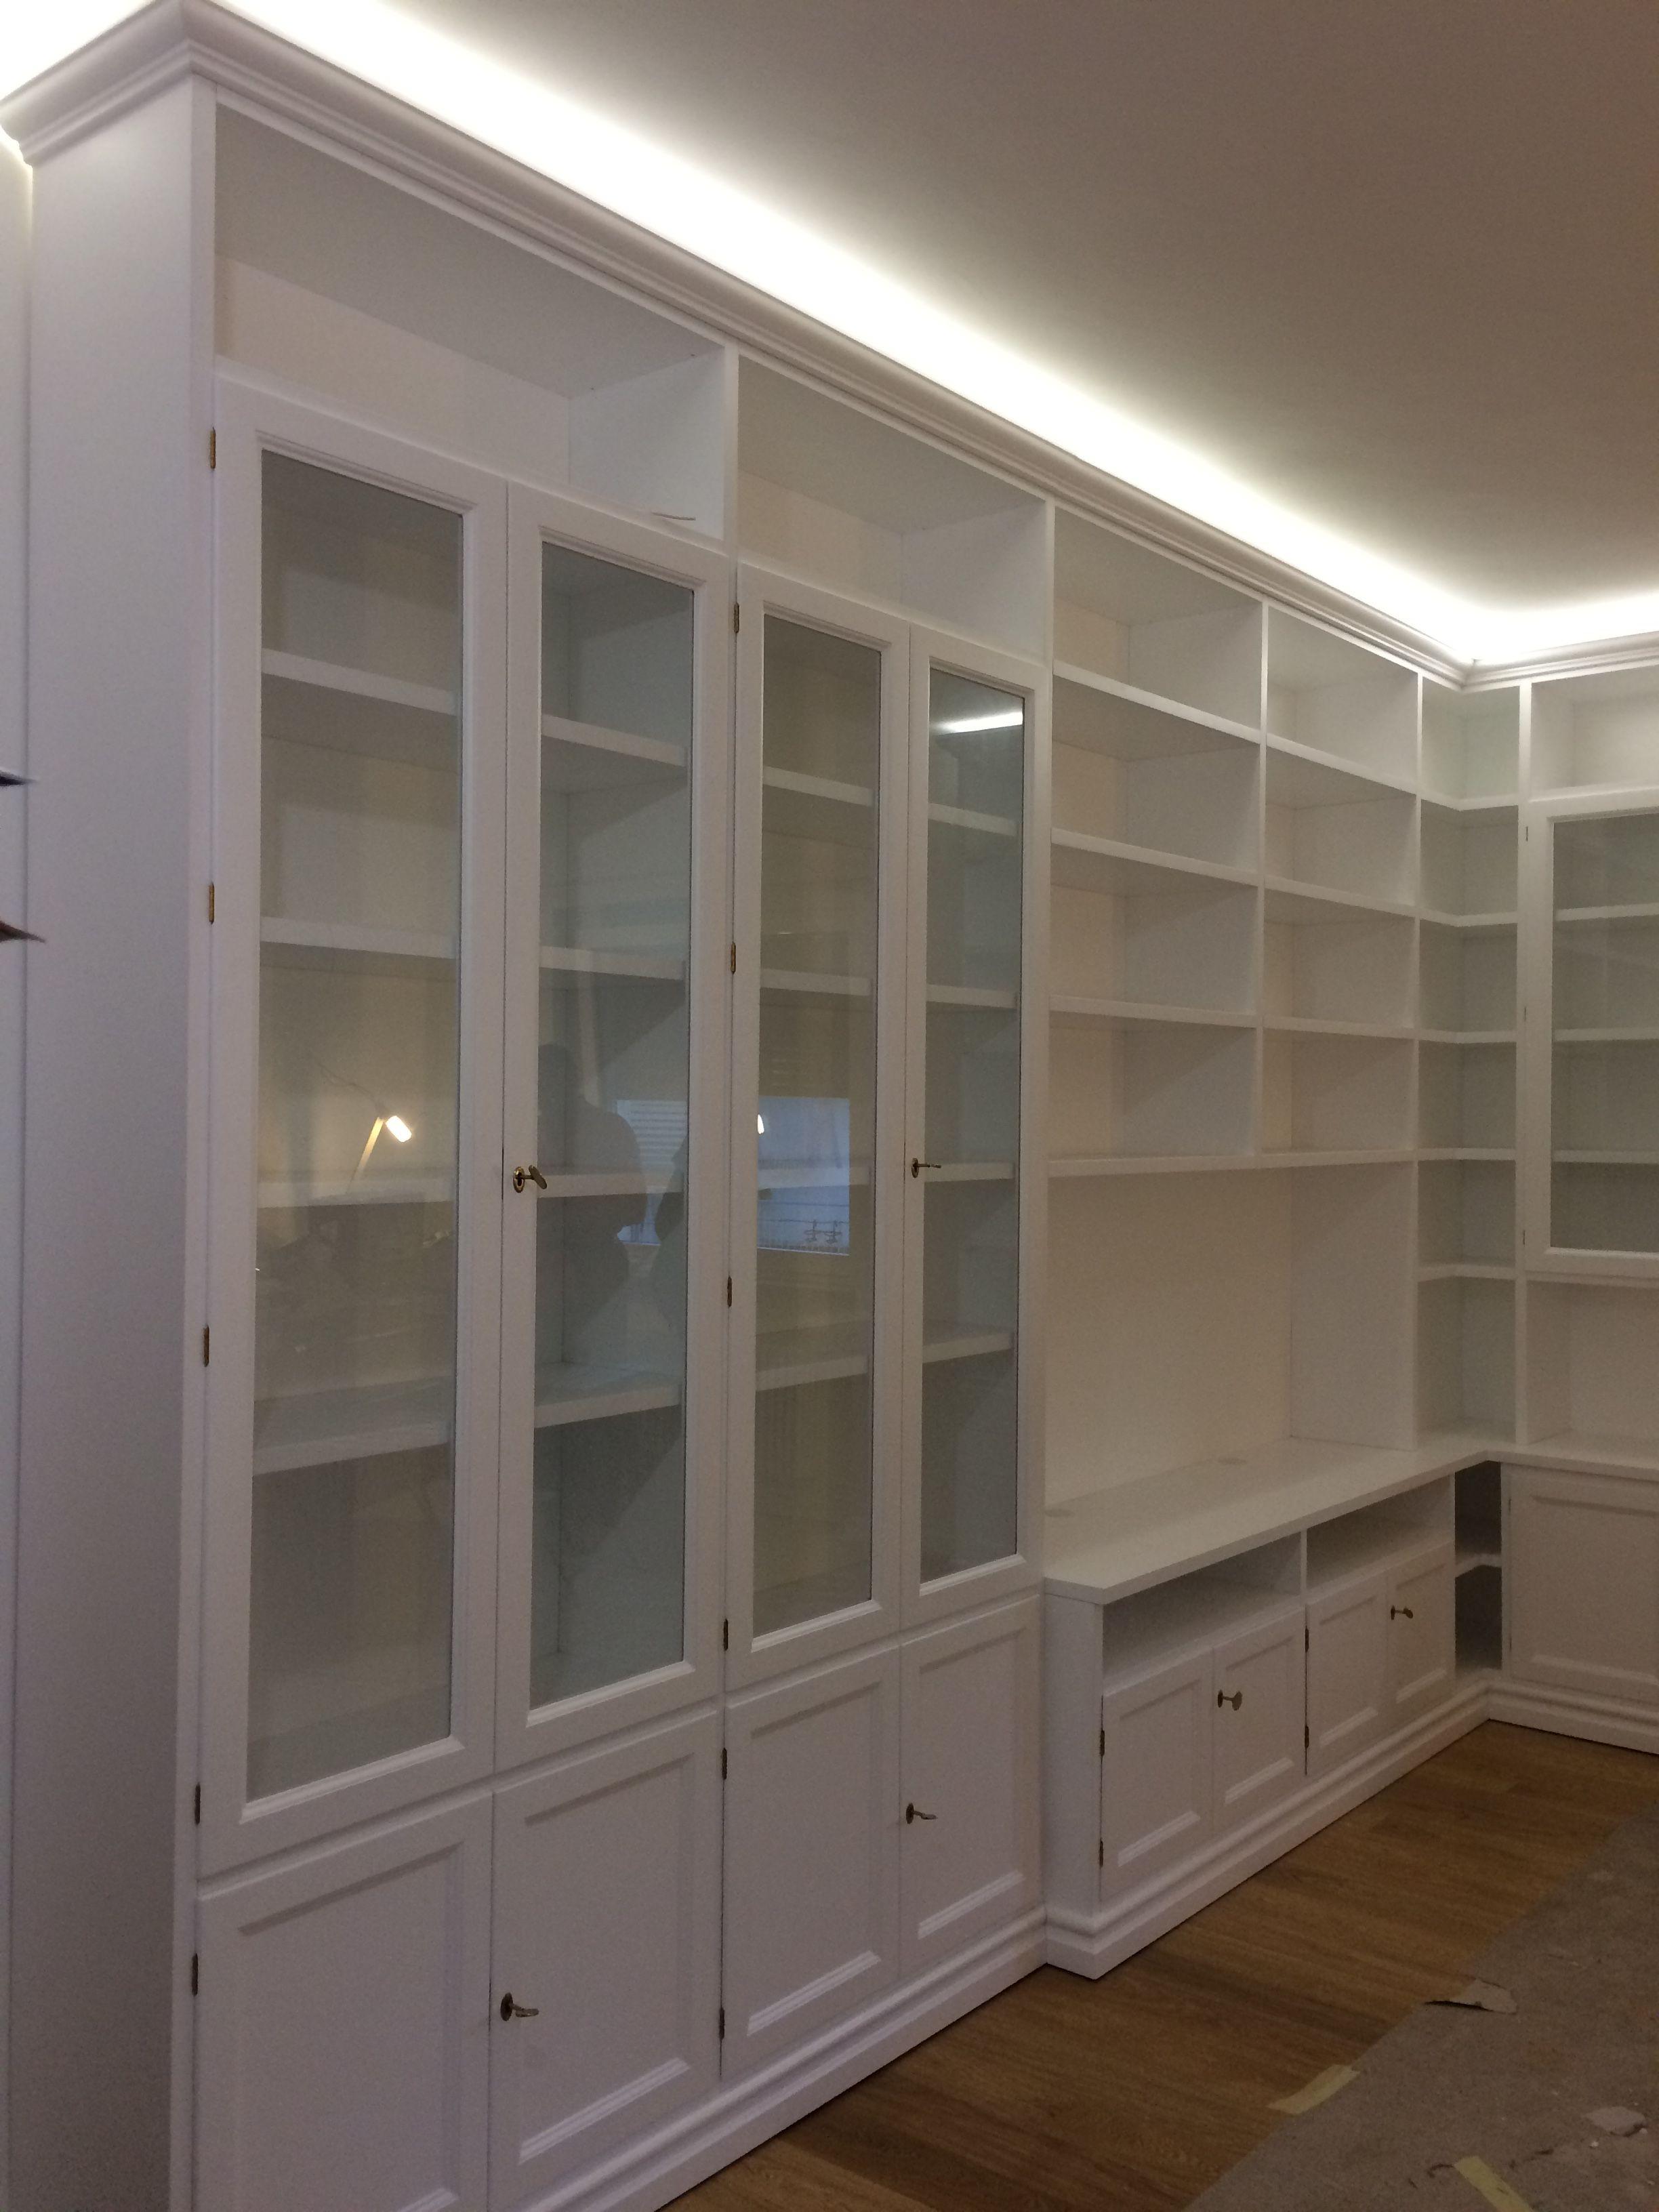 Mensole Laccate Su Misura.Una Libreria Su Misura Laccata Bianca Con Parti A Giorno E Parti